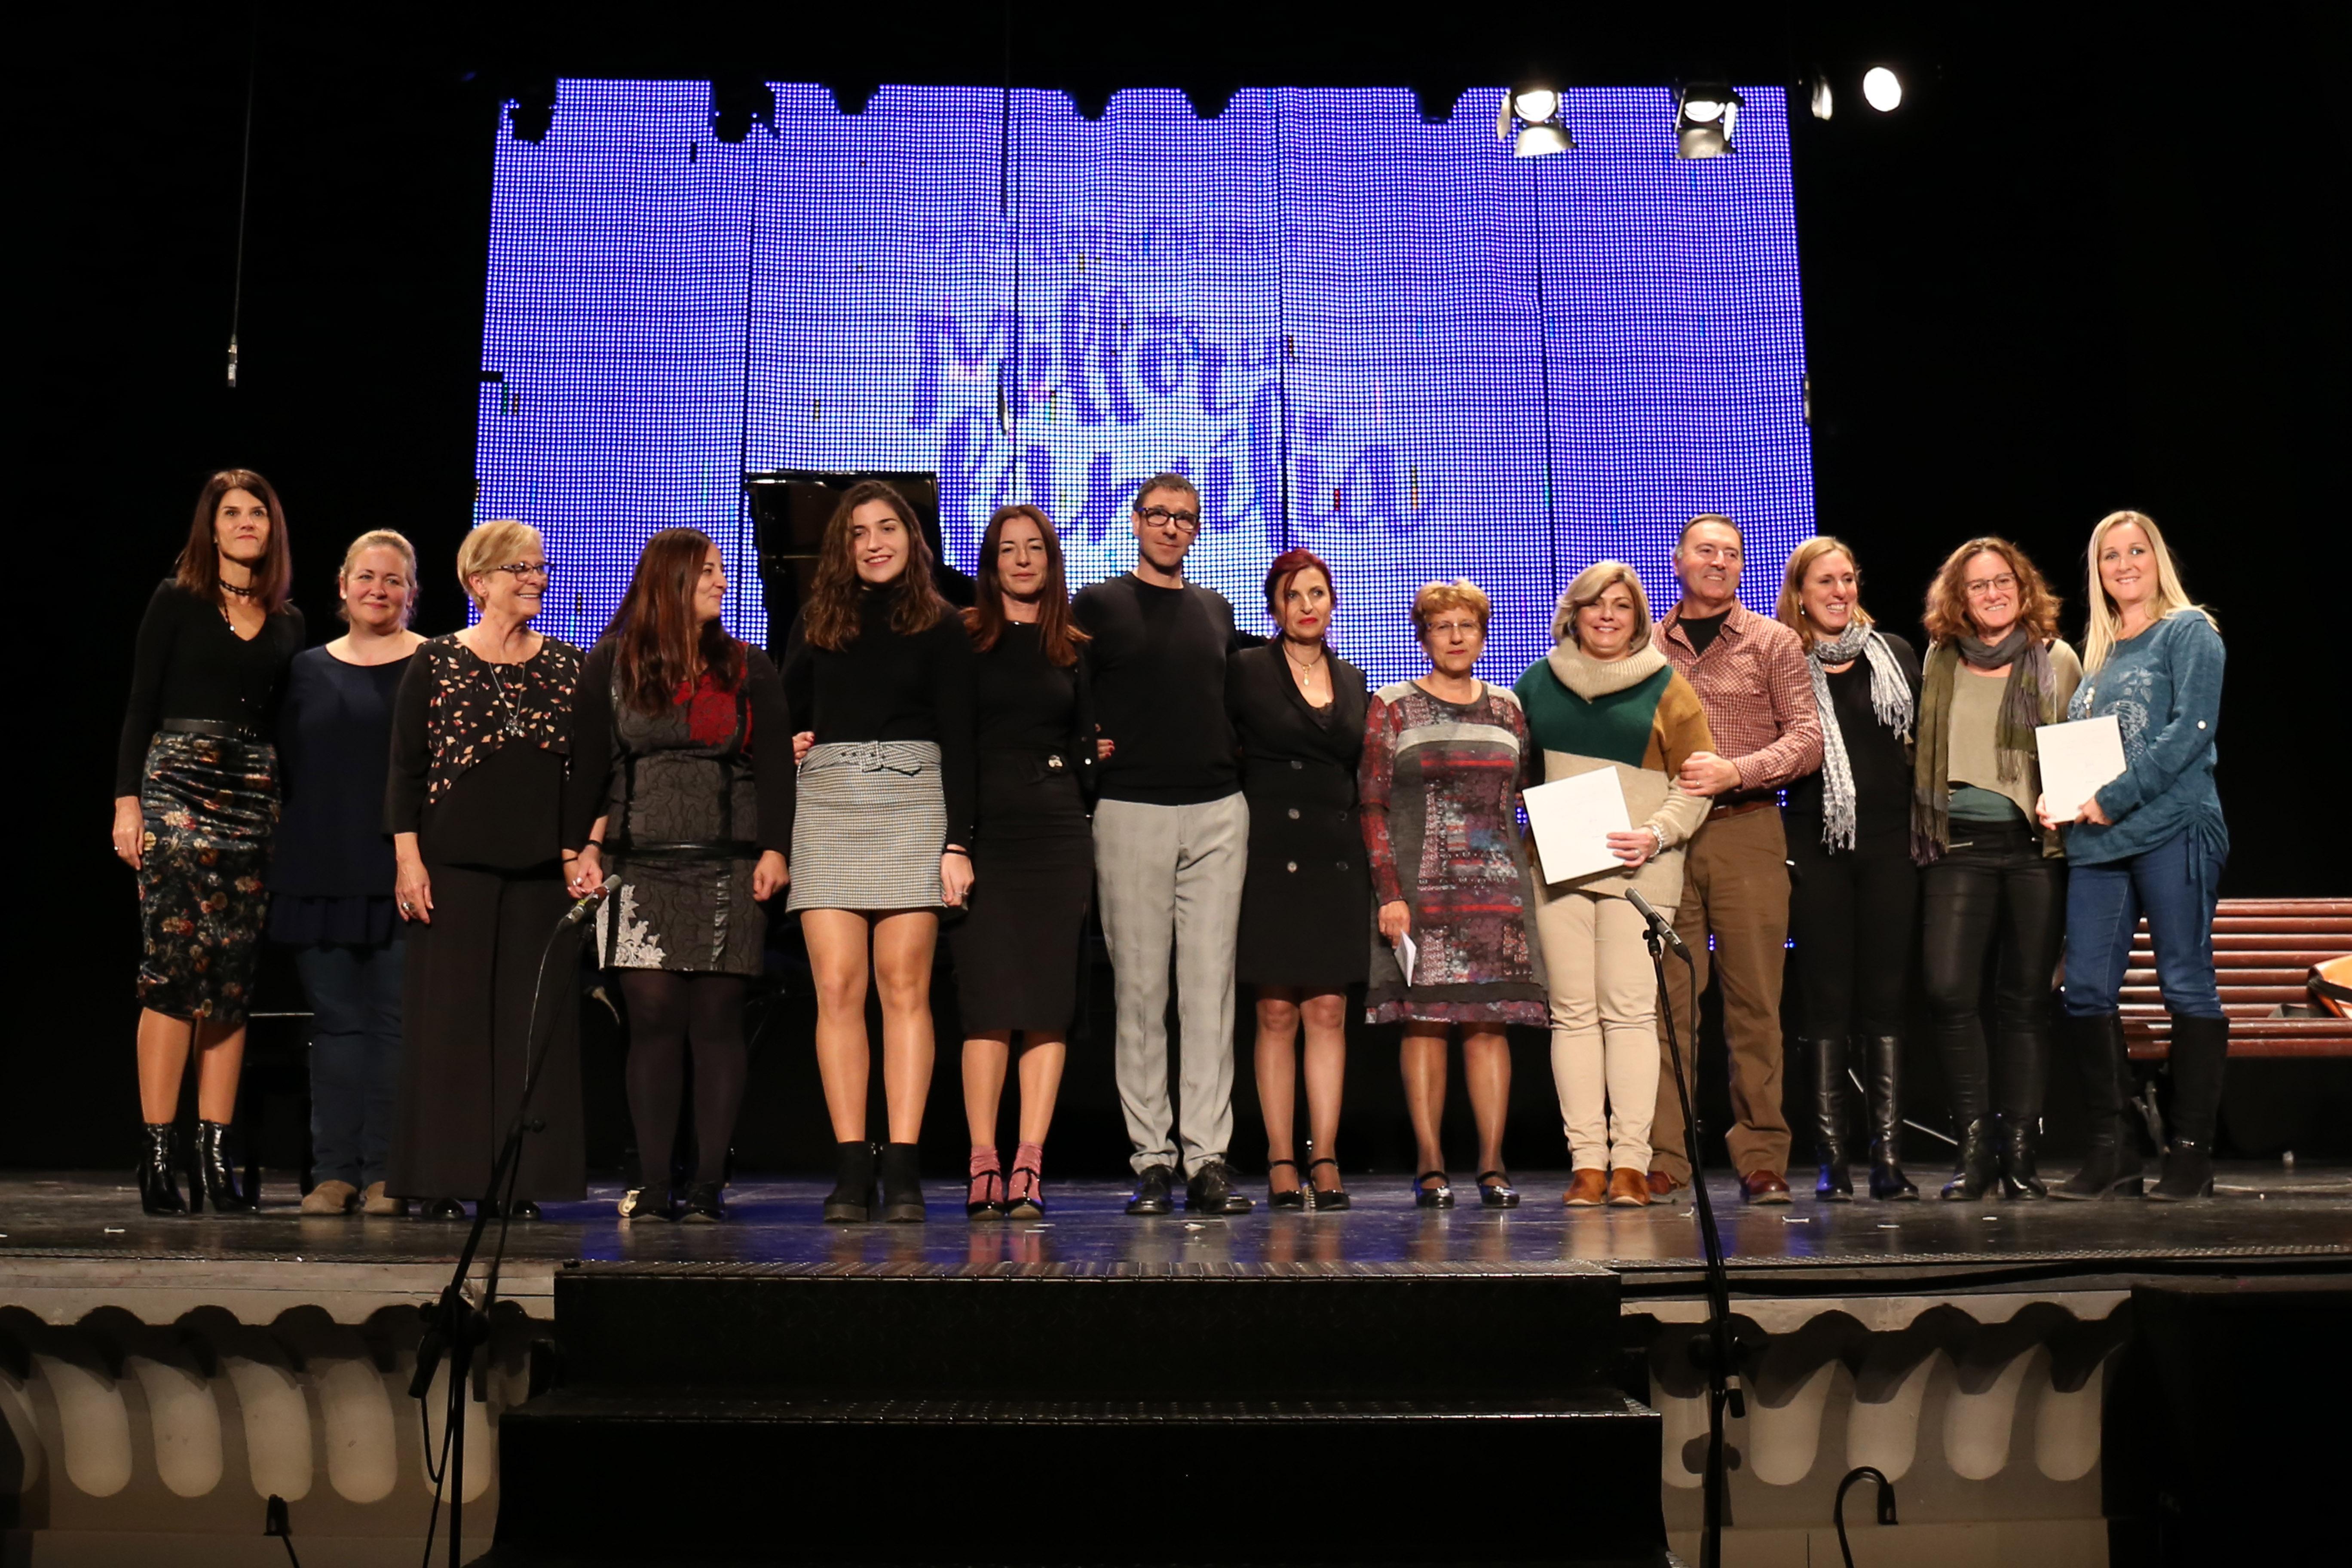 """Se rindió homenaje a todas las personas fundadoras, miembros del colectivo de educadores y educadoras de la Residencia Comarcal """"La Foia"""" de Buñol."""